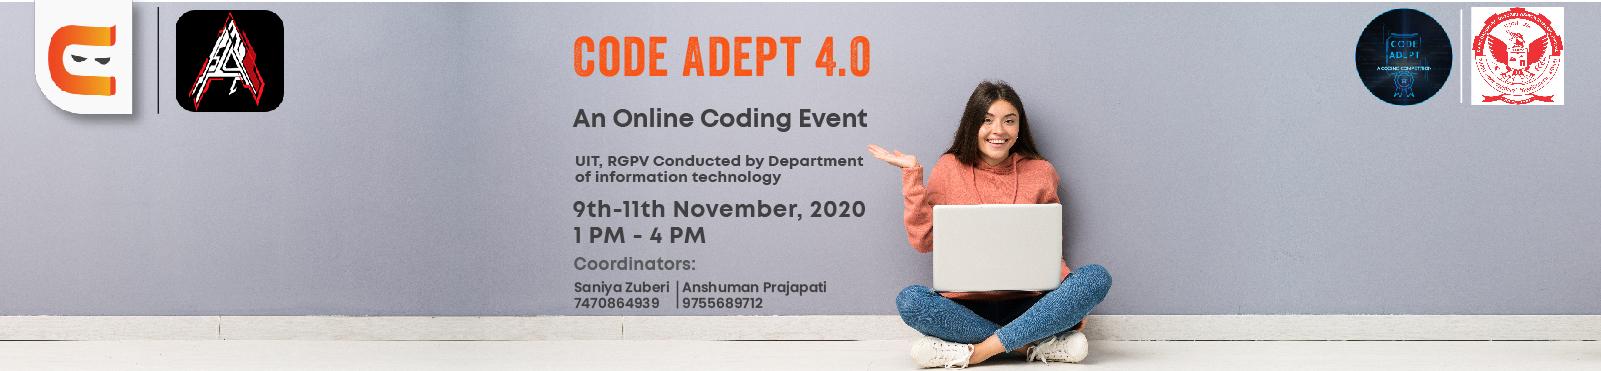 Code Adept 4.0